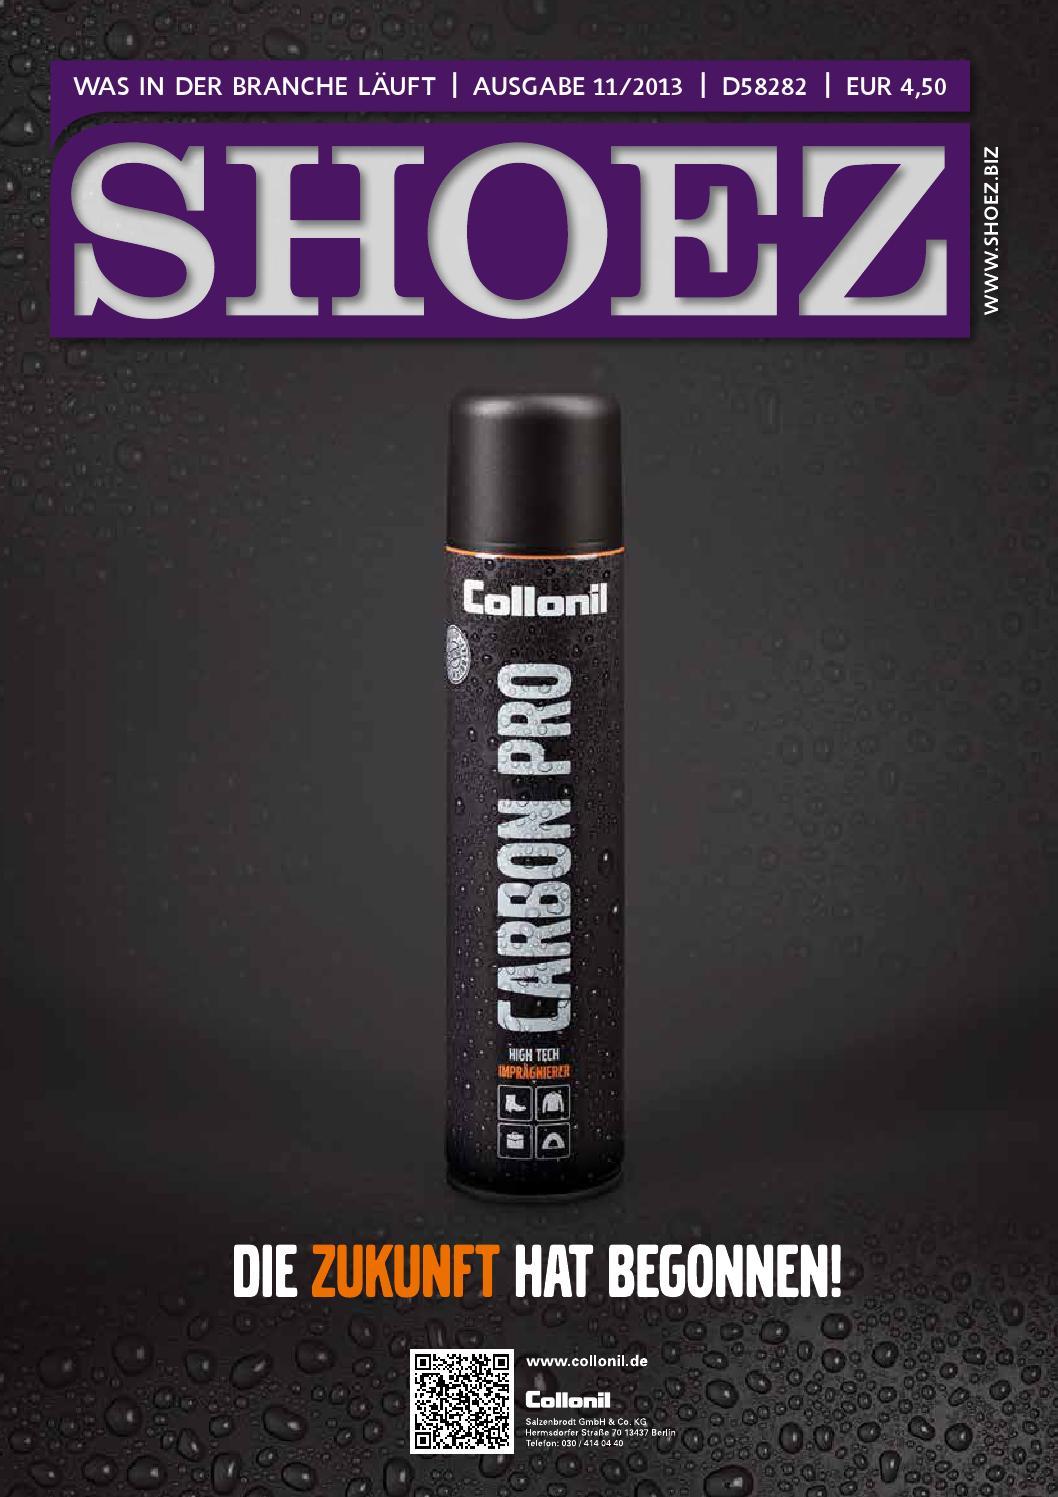 2013 – Ausgabe By Fachmagazin Shoez November Das Für QoxCBErdeW